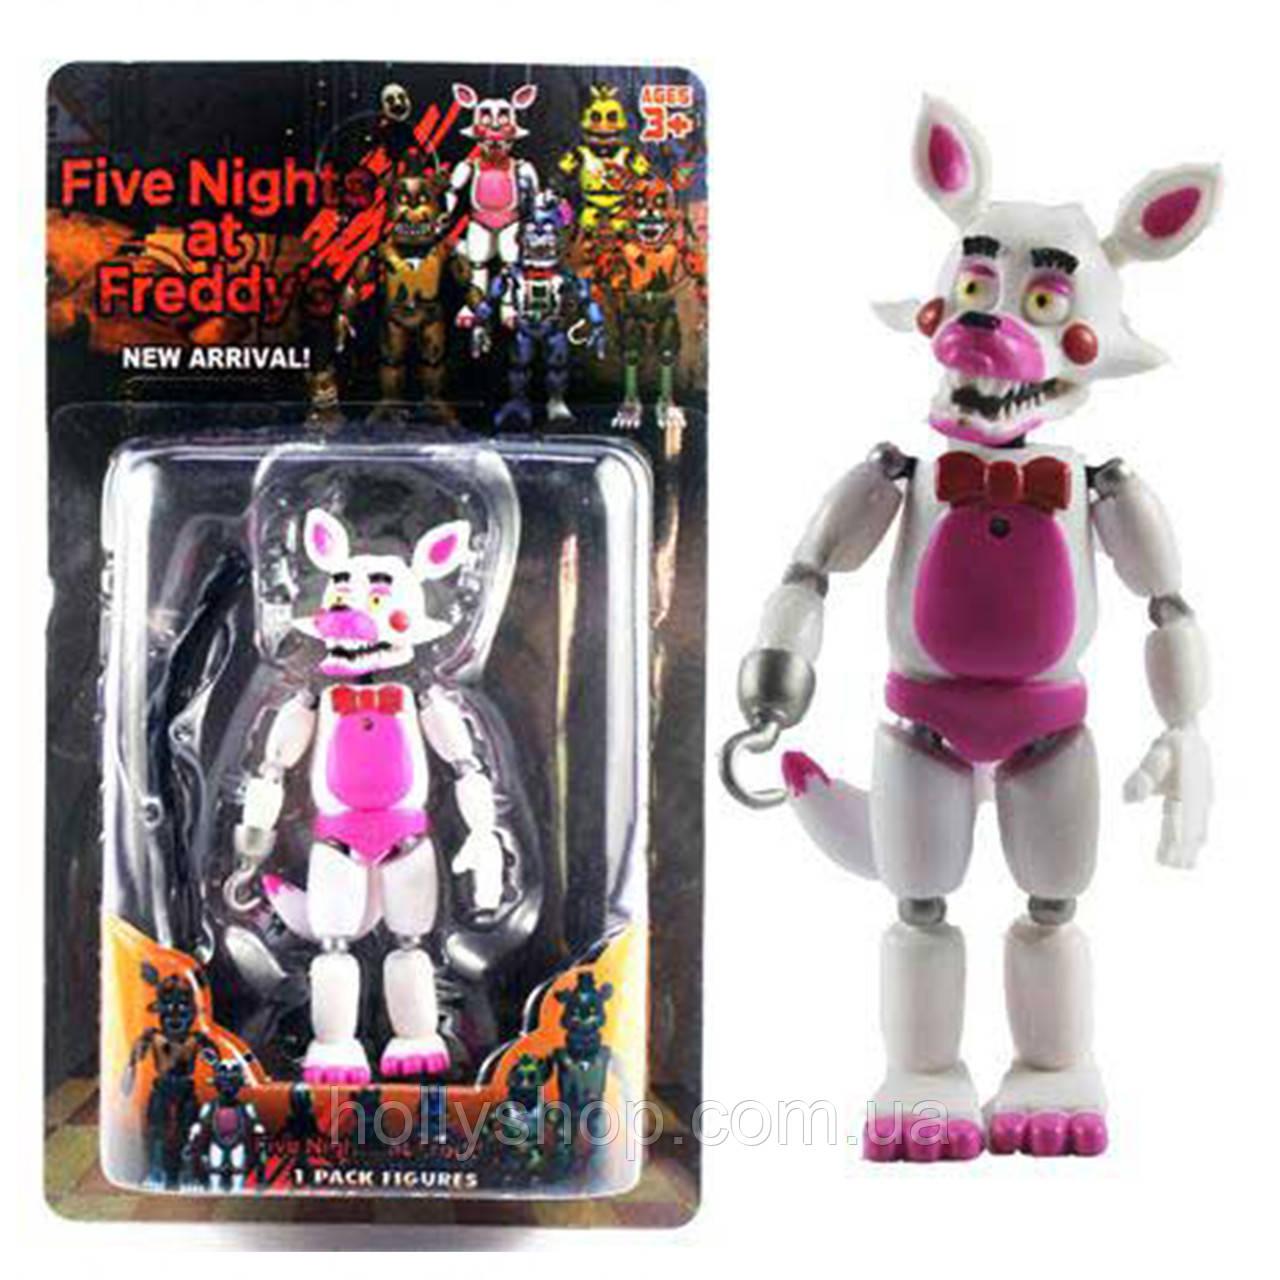 Фігурка кошмарного аніматроніка Мангл з гри П'ять Ночей з Фредді в індивідуальній упаковці ФНаФ 15см